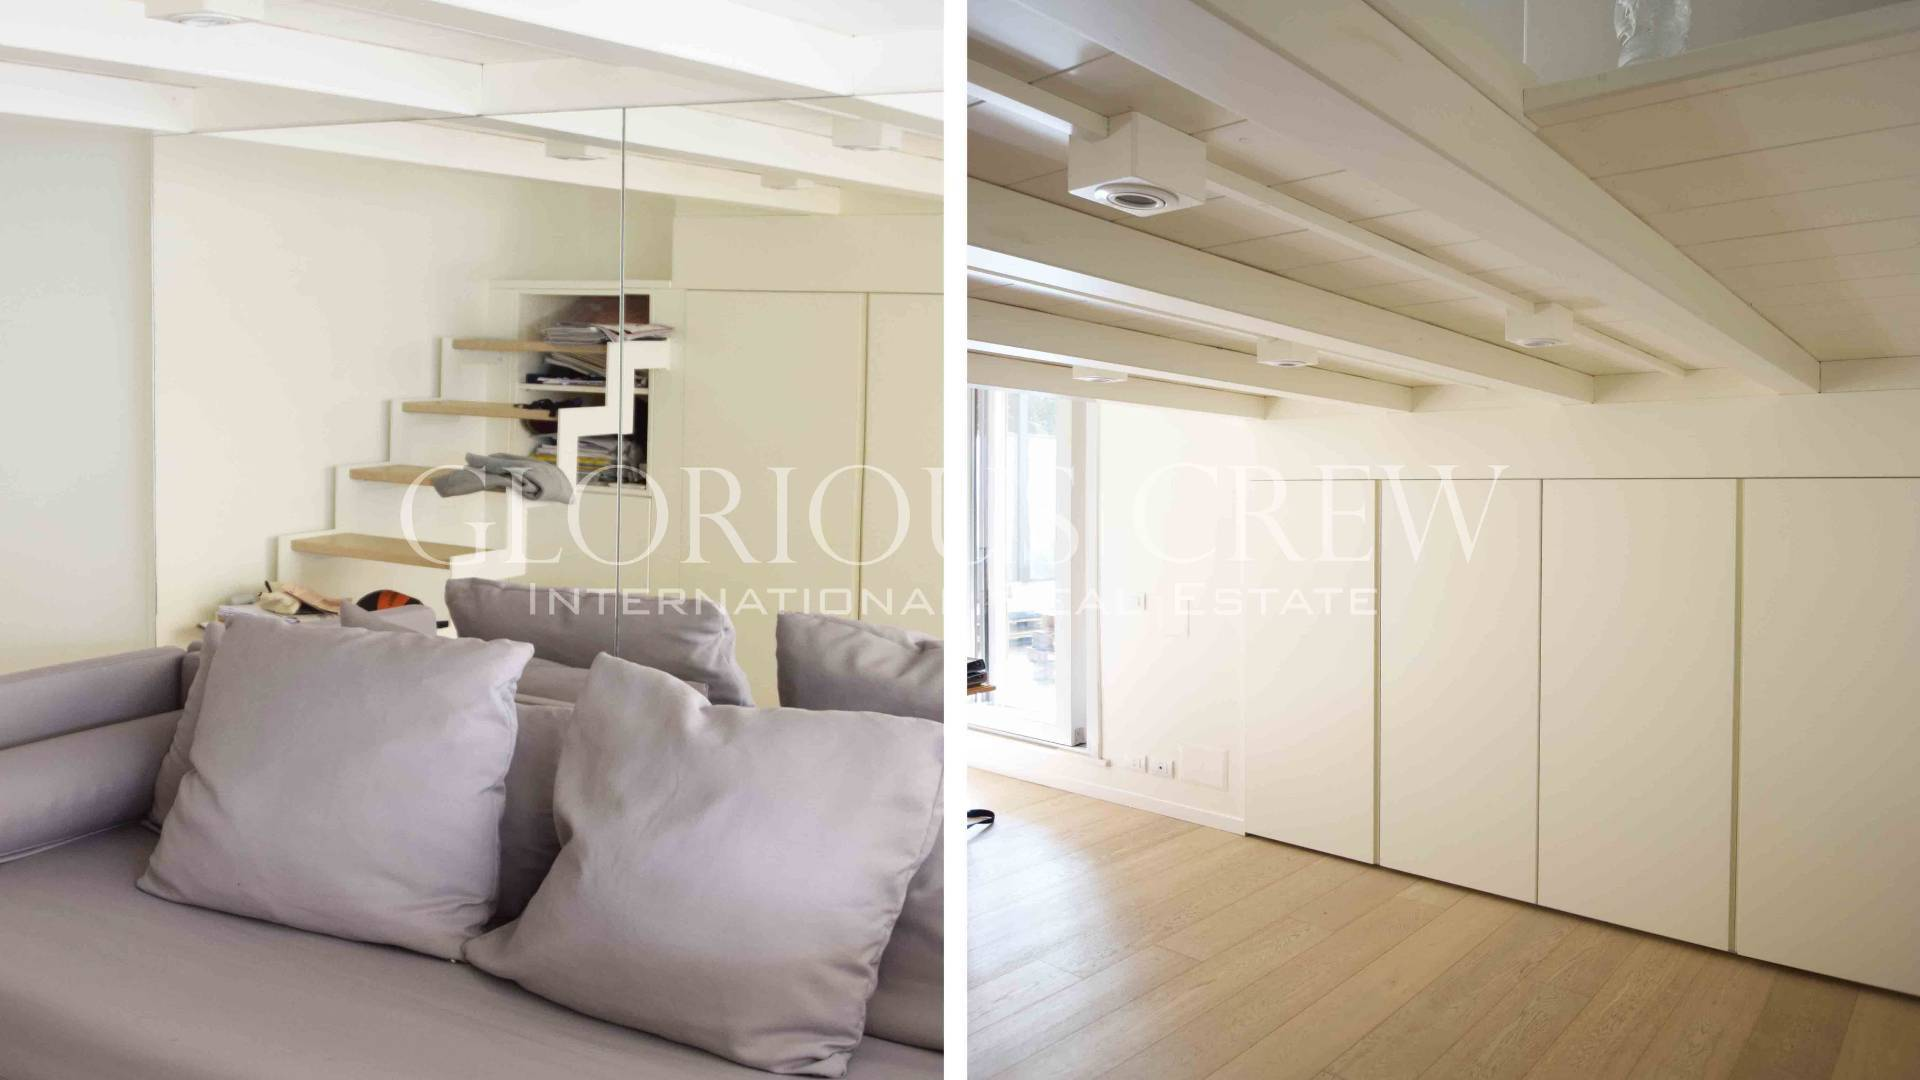 Appartamento in Vendita a Milano: 1 locali, 45 mq - Foto 6